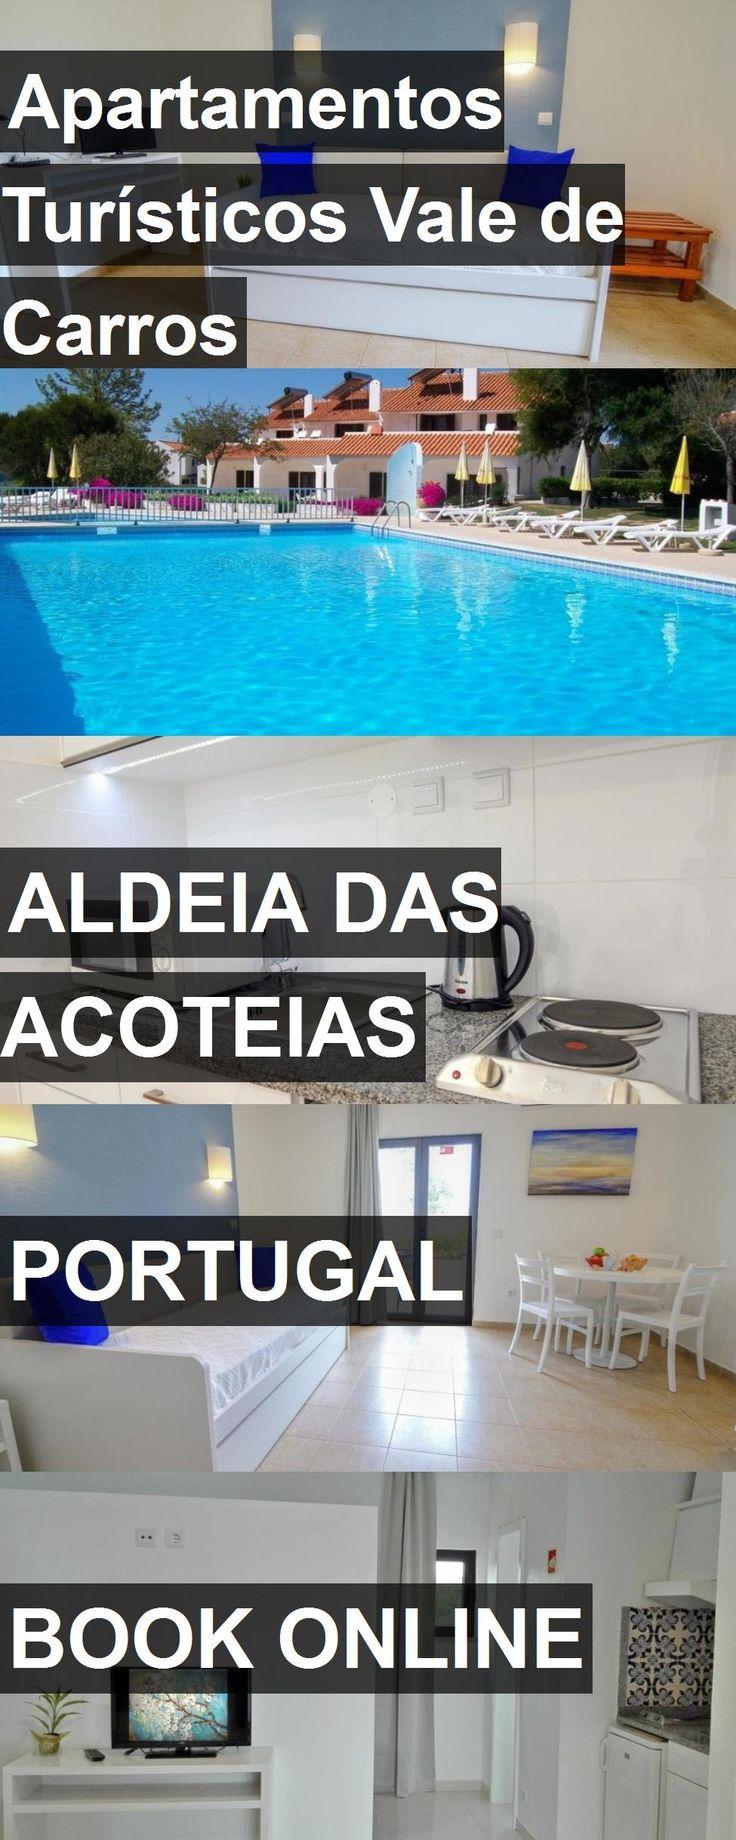 Hotel Apartamentos Turísticos Vale de Carros in Aldeia das Acoteias, Portugal. For more information, photos, reviews and best prices please follow the link. #Portugal #AldeiadasAcoteias #ApartamentosTurísticosValedeCarros #hotel #travel #vacation